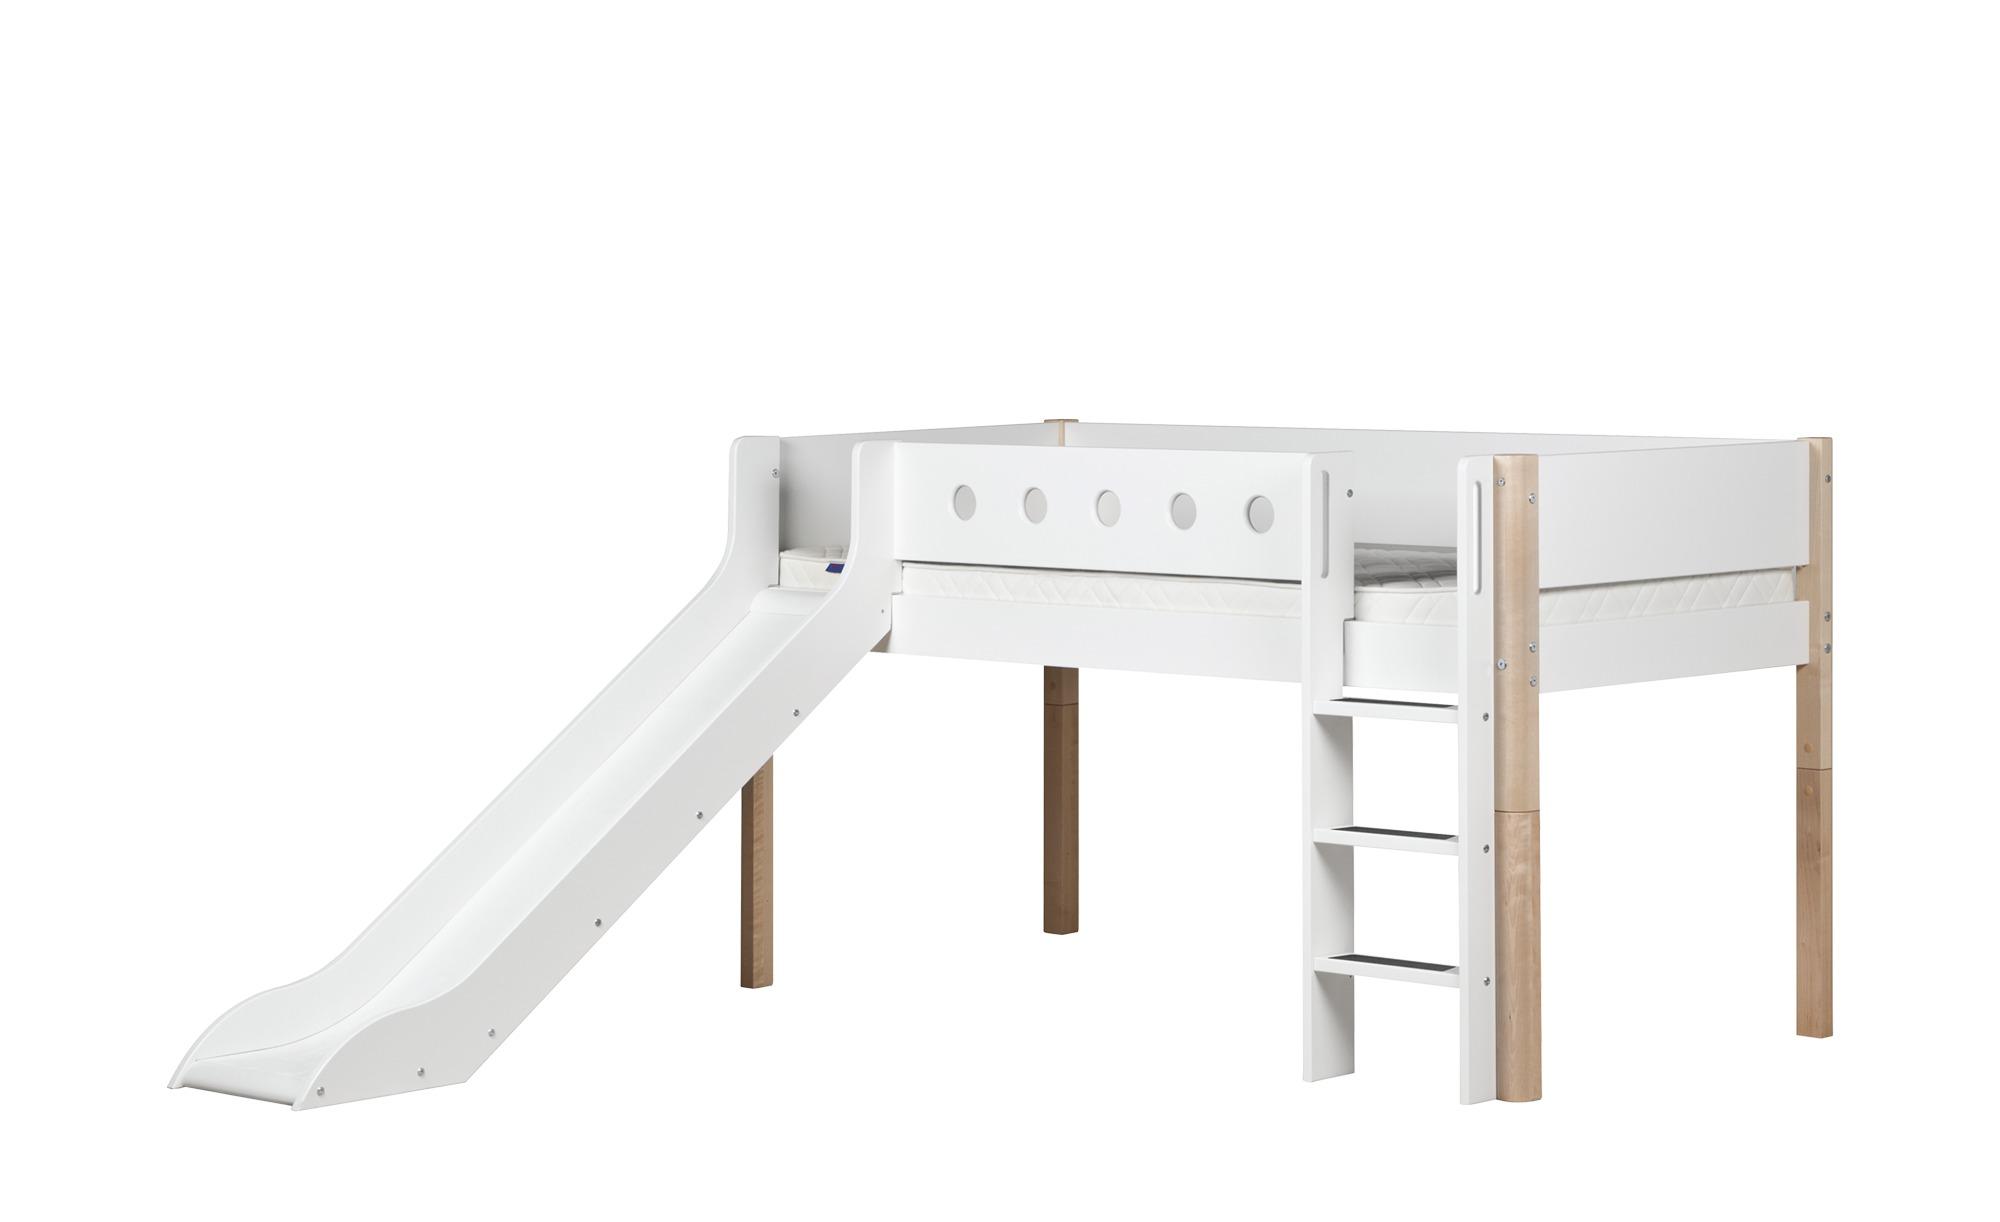 flexa halbhohes bett mit rutsche flexa white breite 250 cm h he 120 cm wei online kaufen bei. Black Bedroom Furniture Sets. Home Design Ideas